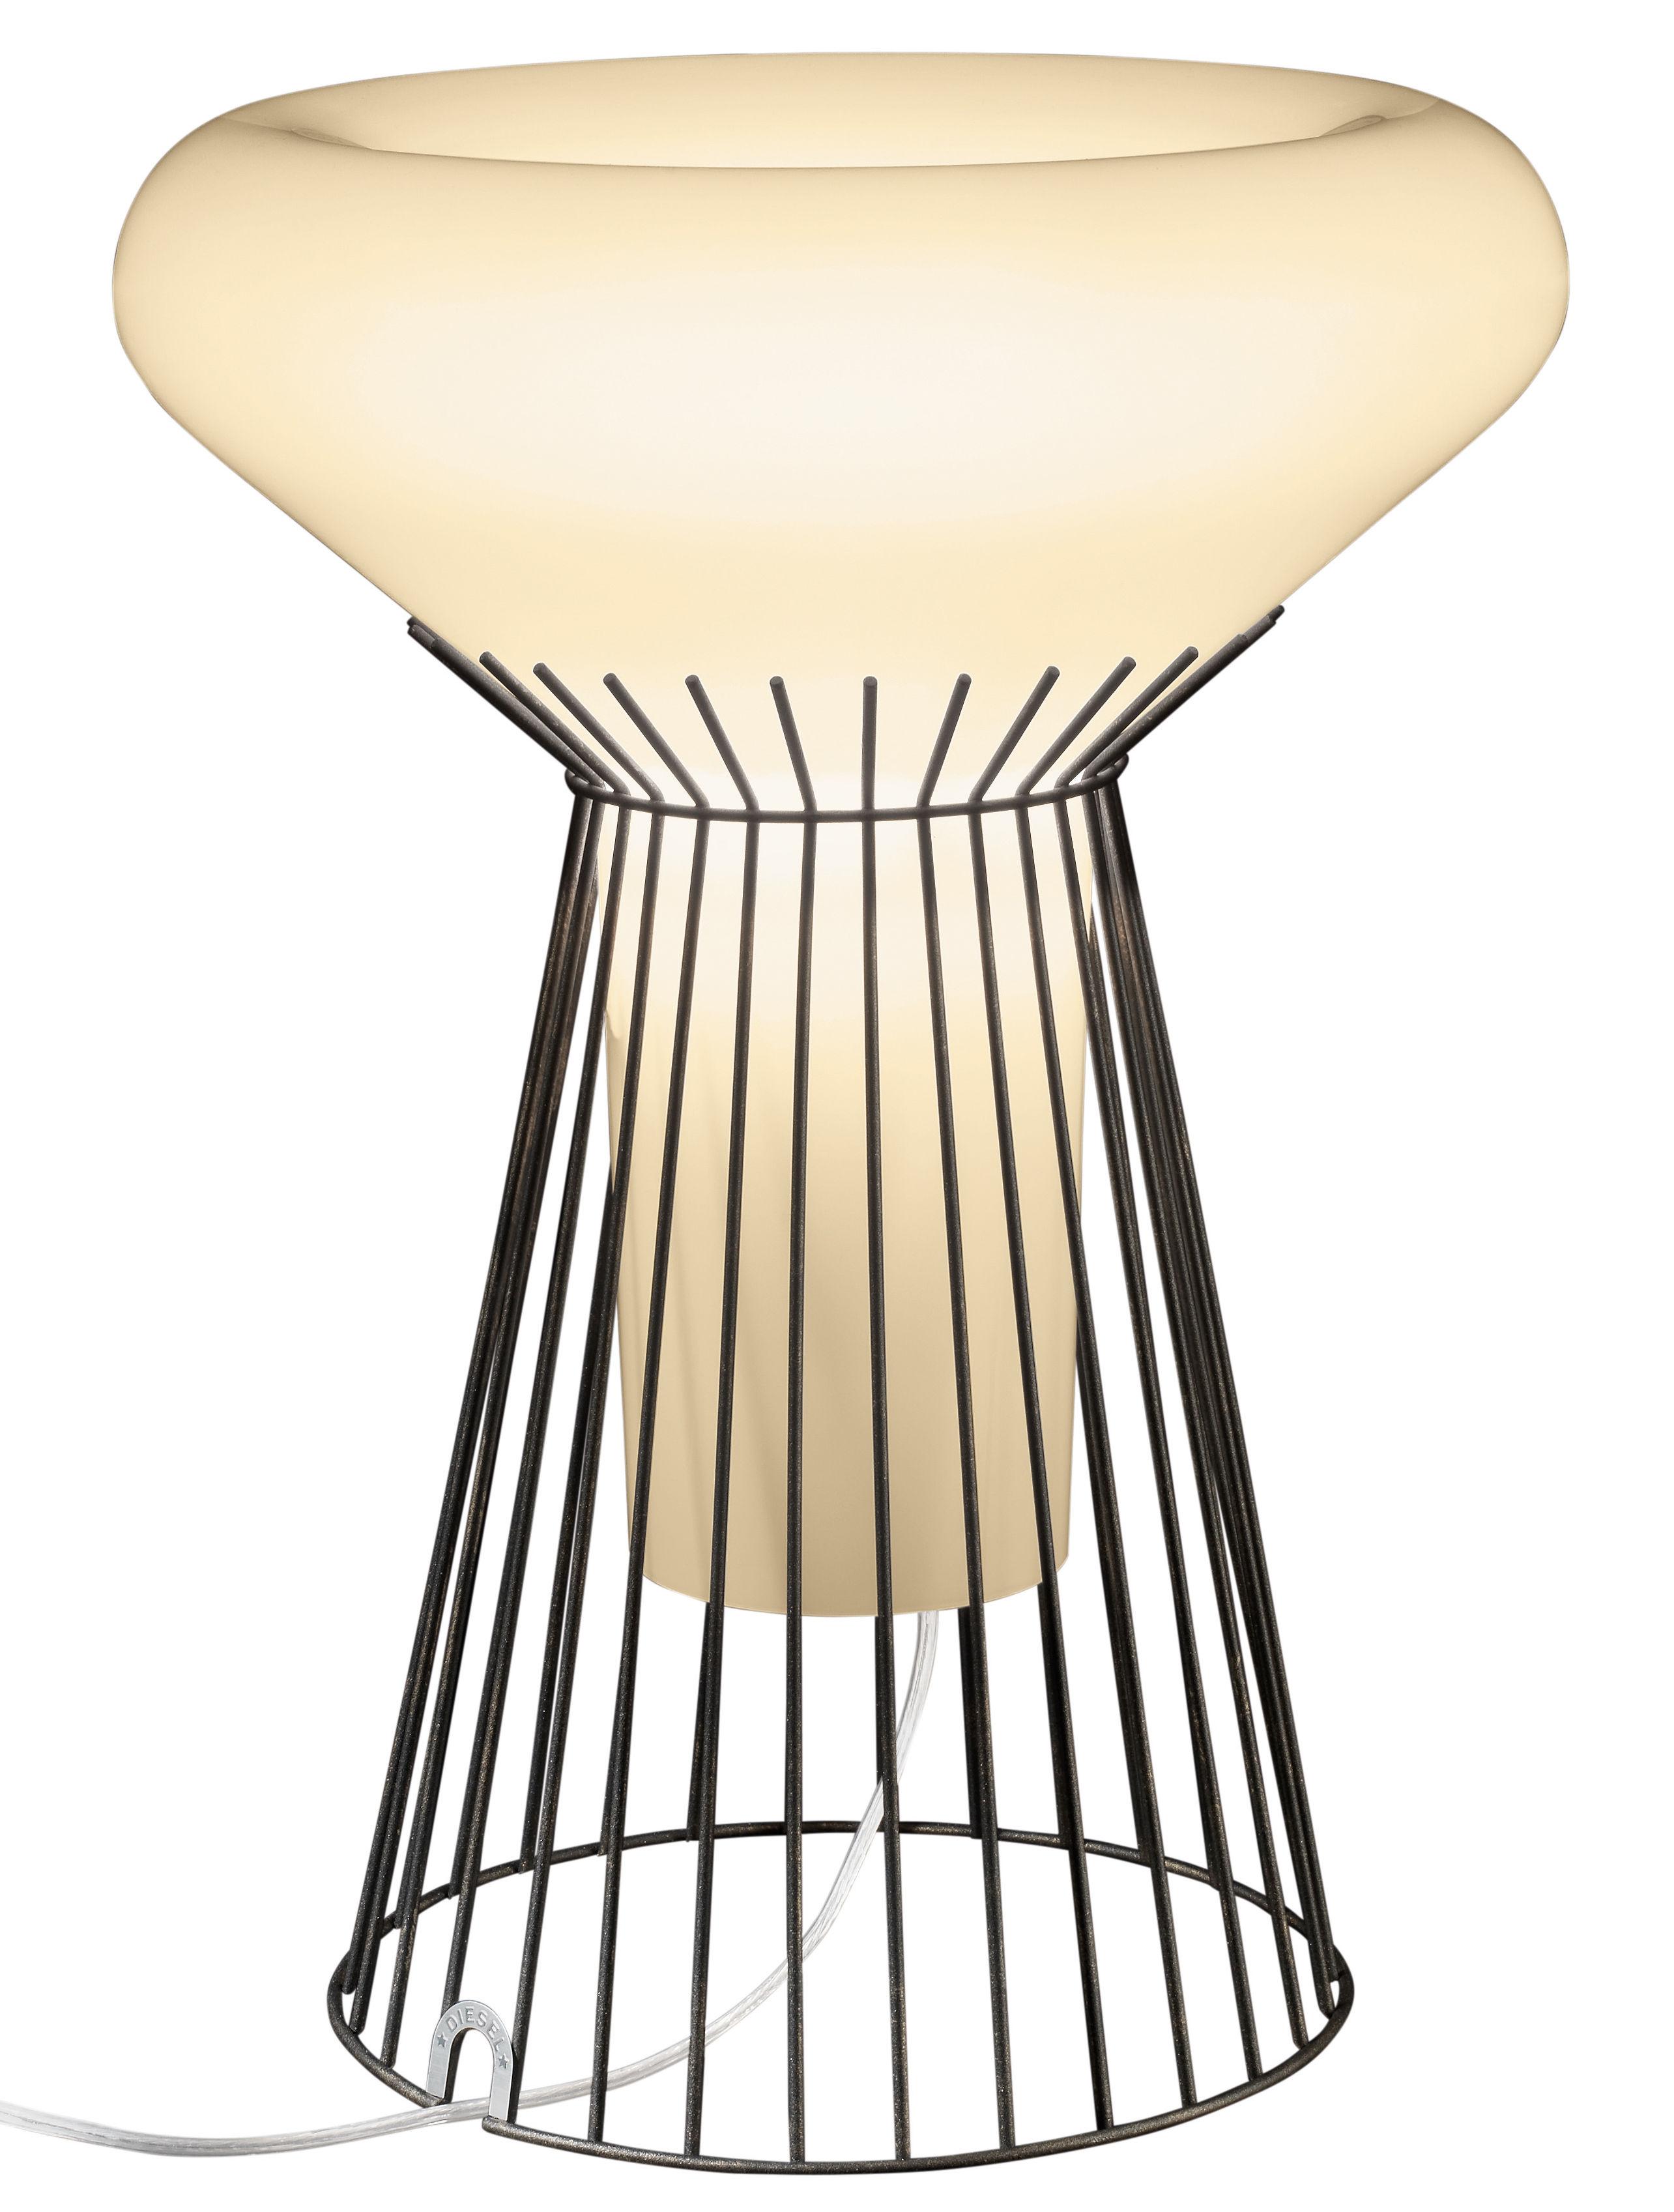 Illuminazione - Lampade da tavolo - Lampada da tavolo Metafisica - / H 51 cm di Diesel with Foscarini - Avorio / Struttura marrone dorato - Acciaio verniciato, vetro soffiato